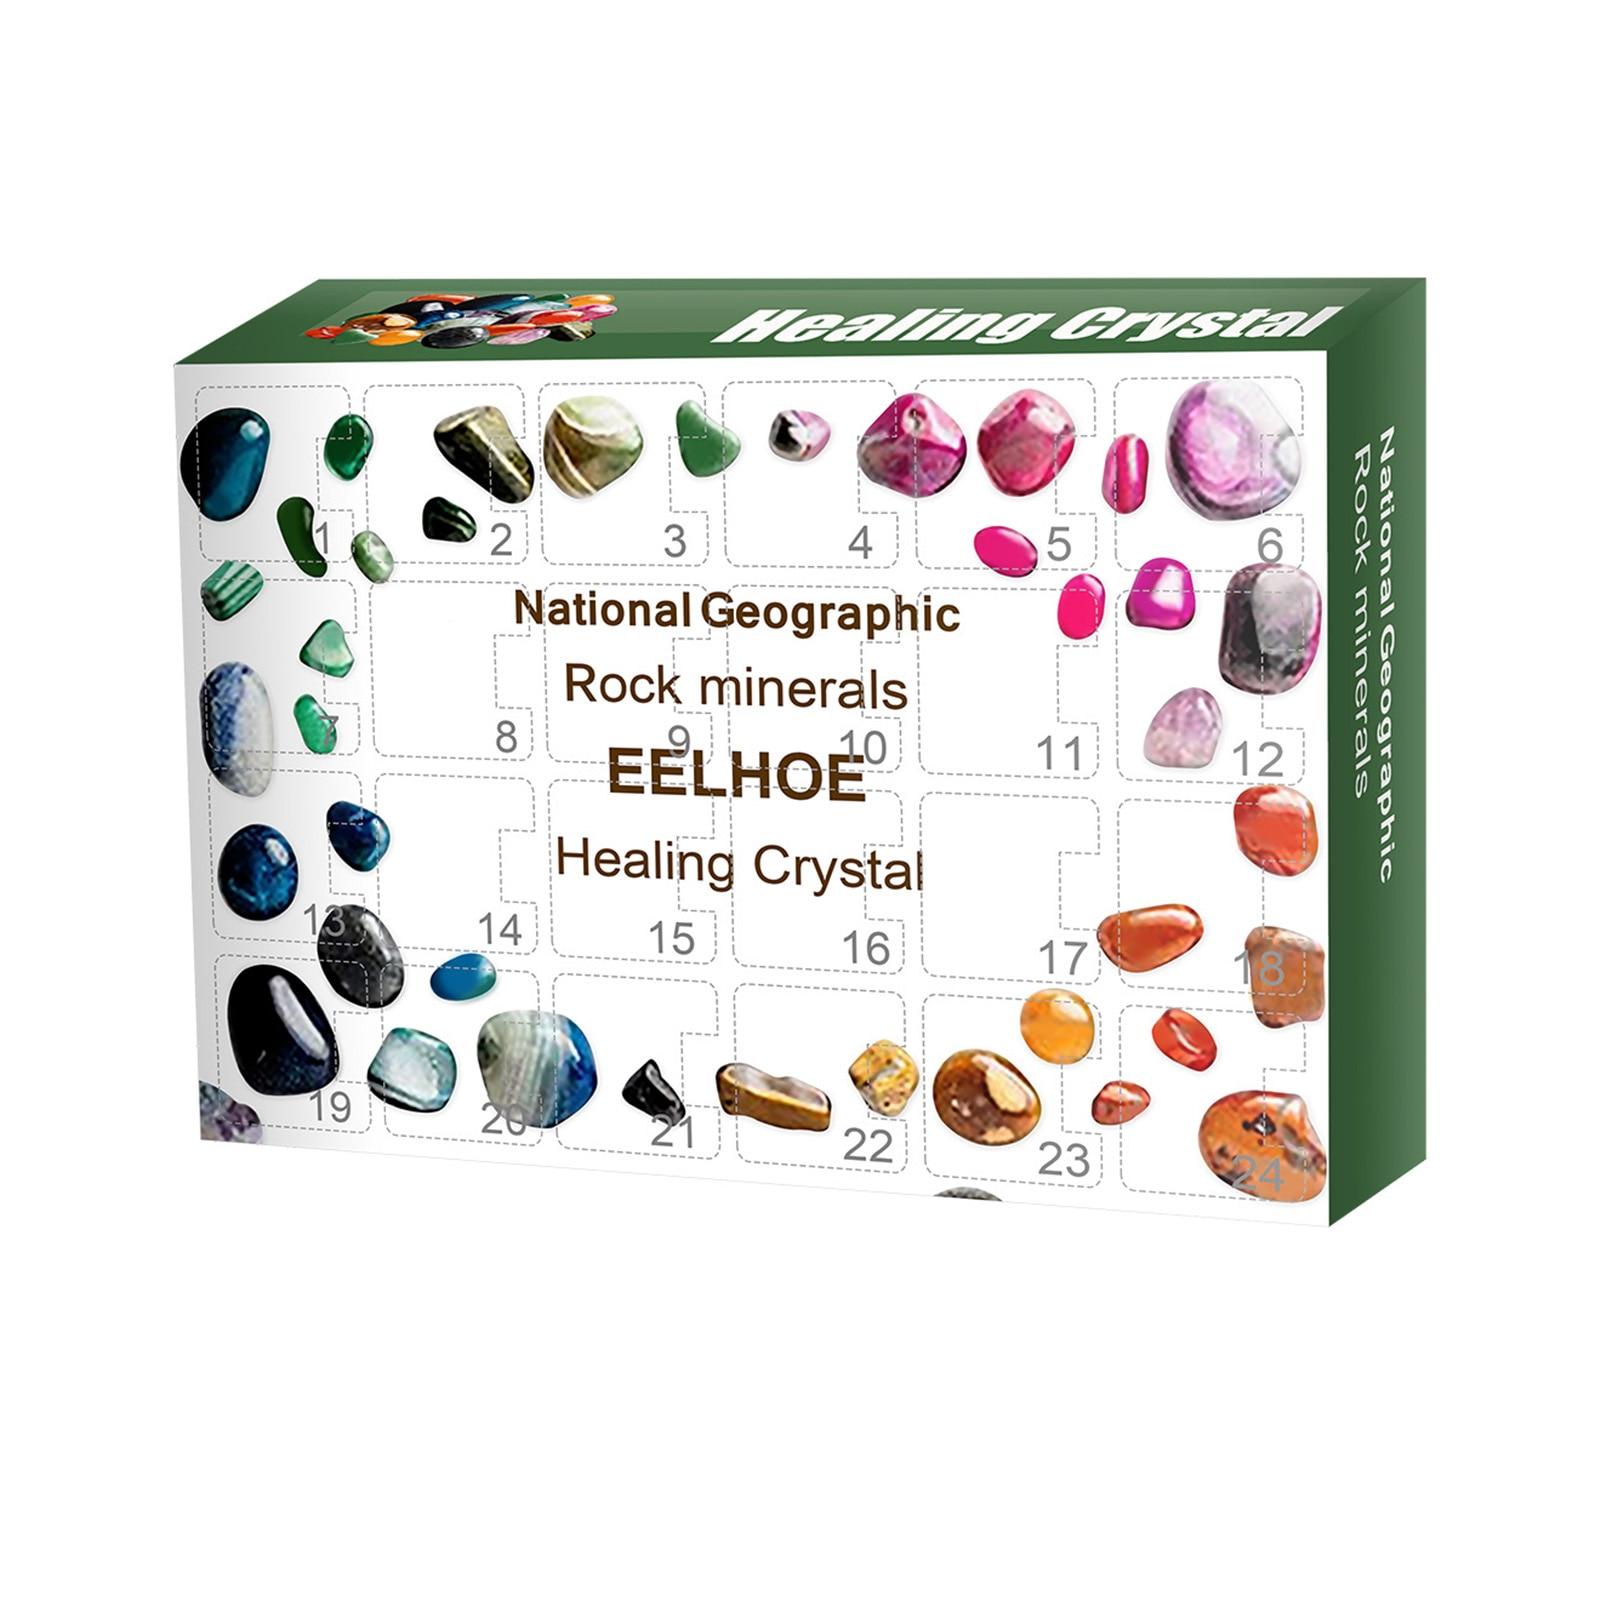 Подарочная коробка, 24 ячейки руды, коллекция сырой руды, Рождественский календарь, руда, искусственные камни, коробка, образцы руды, Рождест...